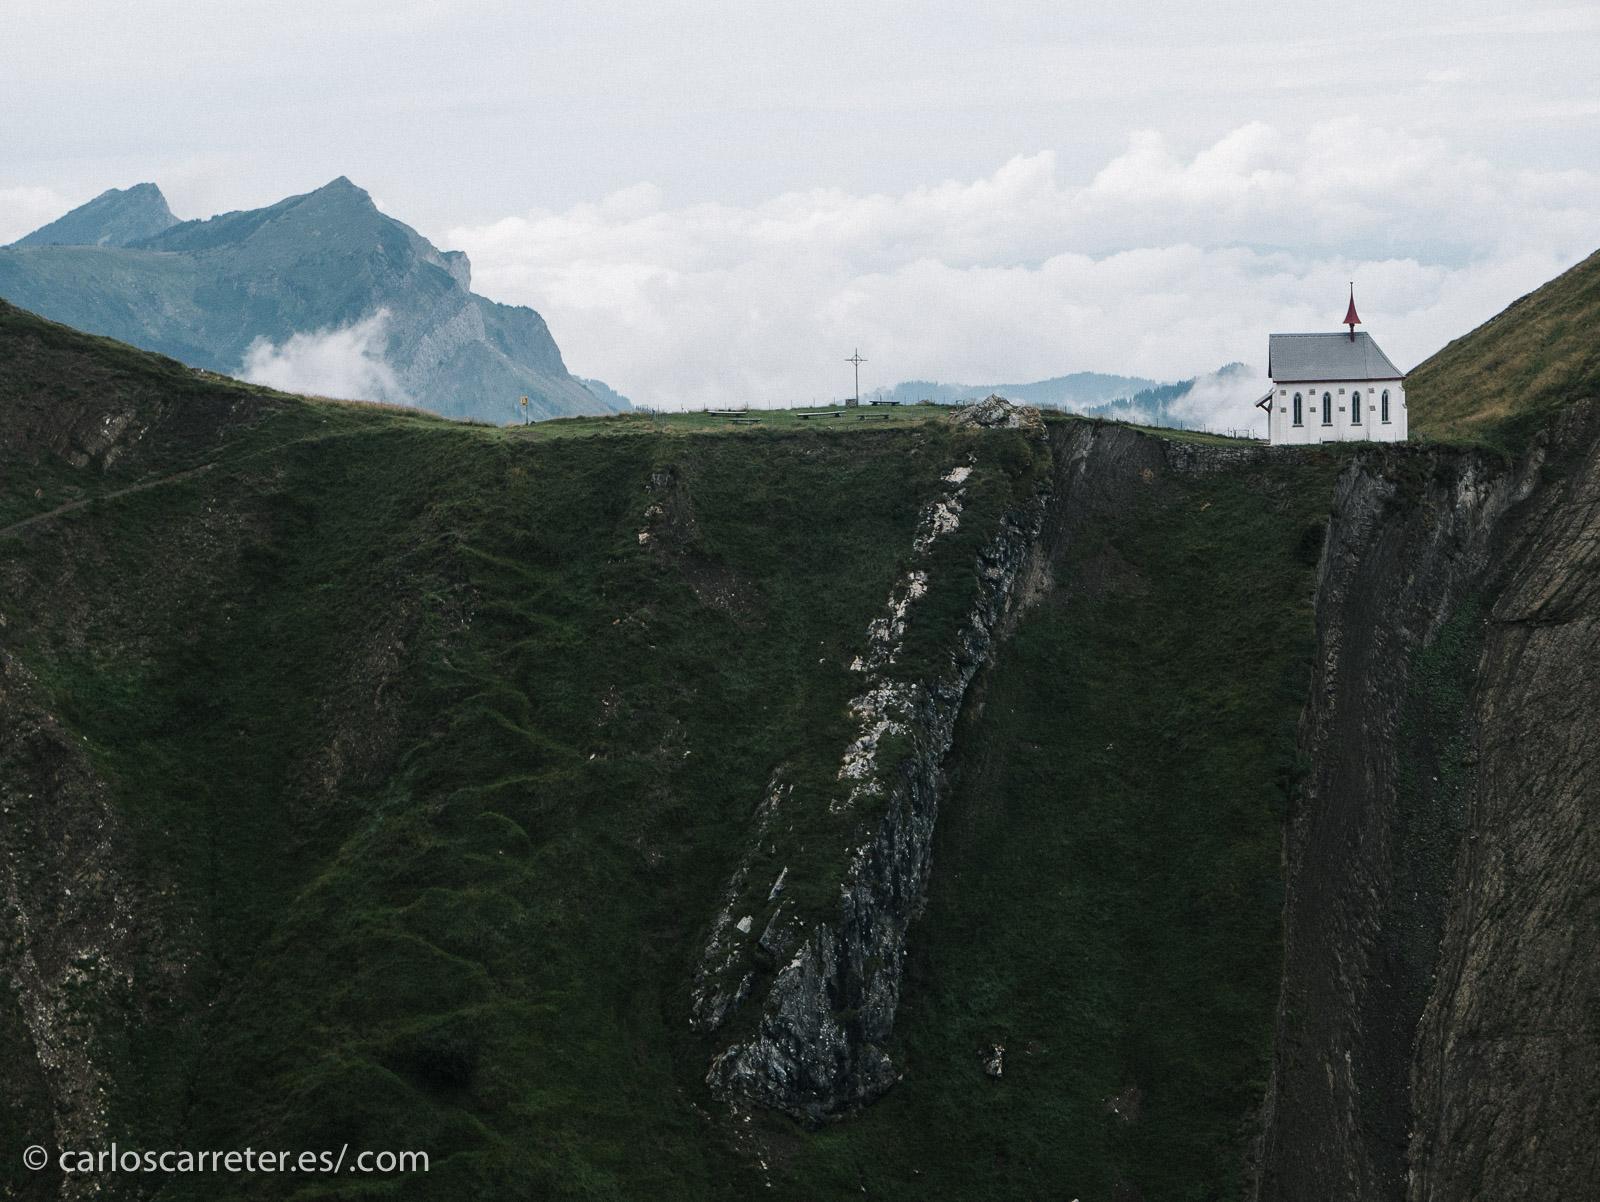 E incluso casa de gigantes y otras supersticiones se han propuesto para esta montaña de gran belleza natural.